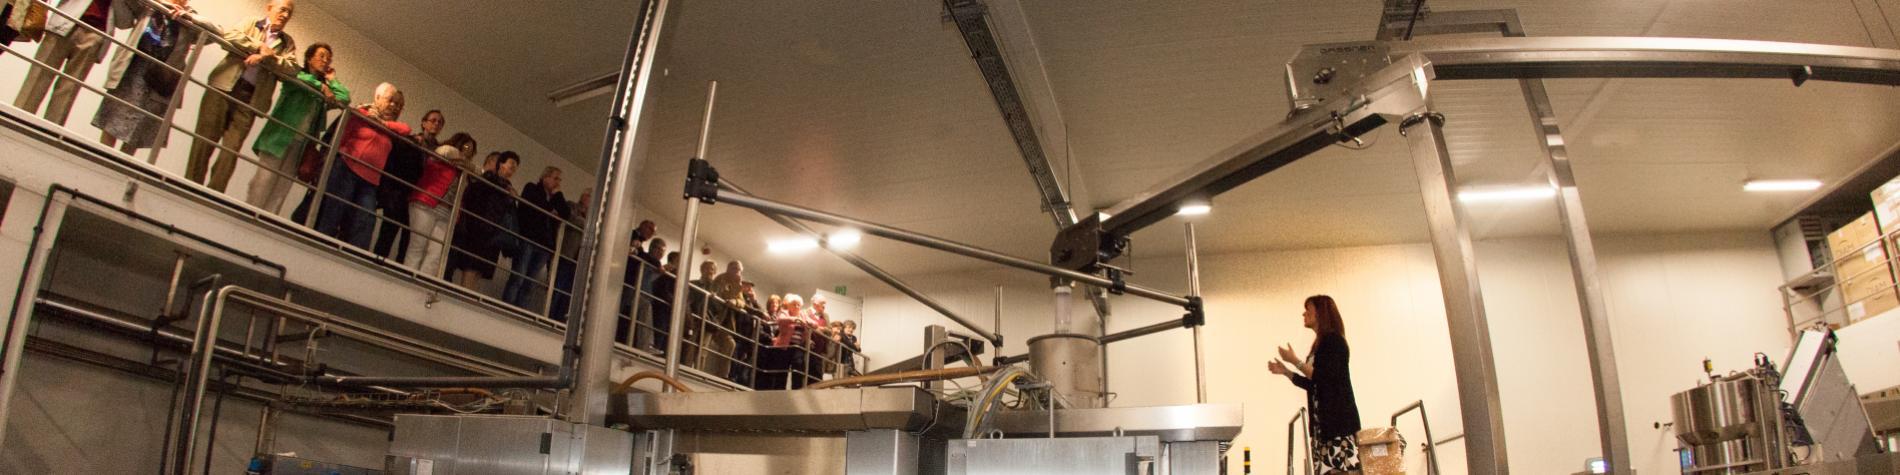 Brasserie Dubuisson-Visite de la brasserie